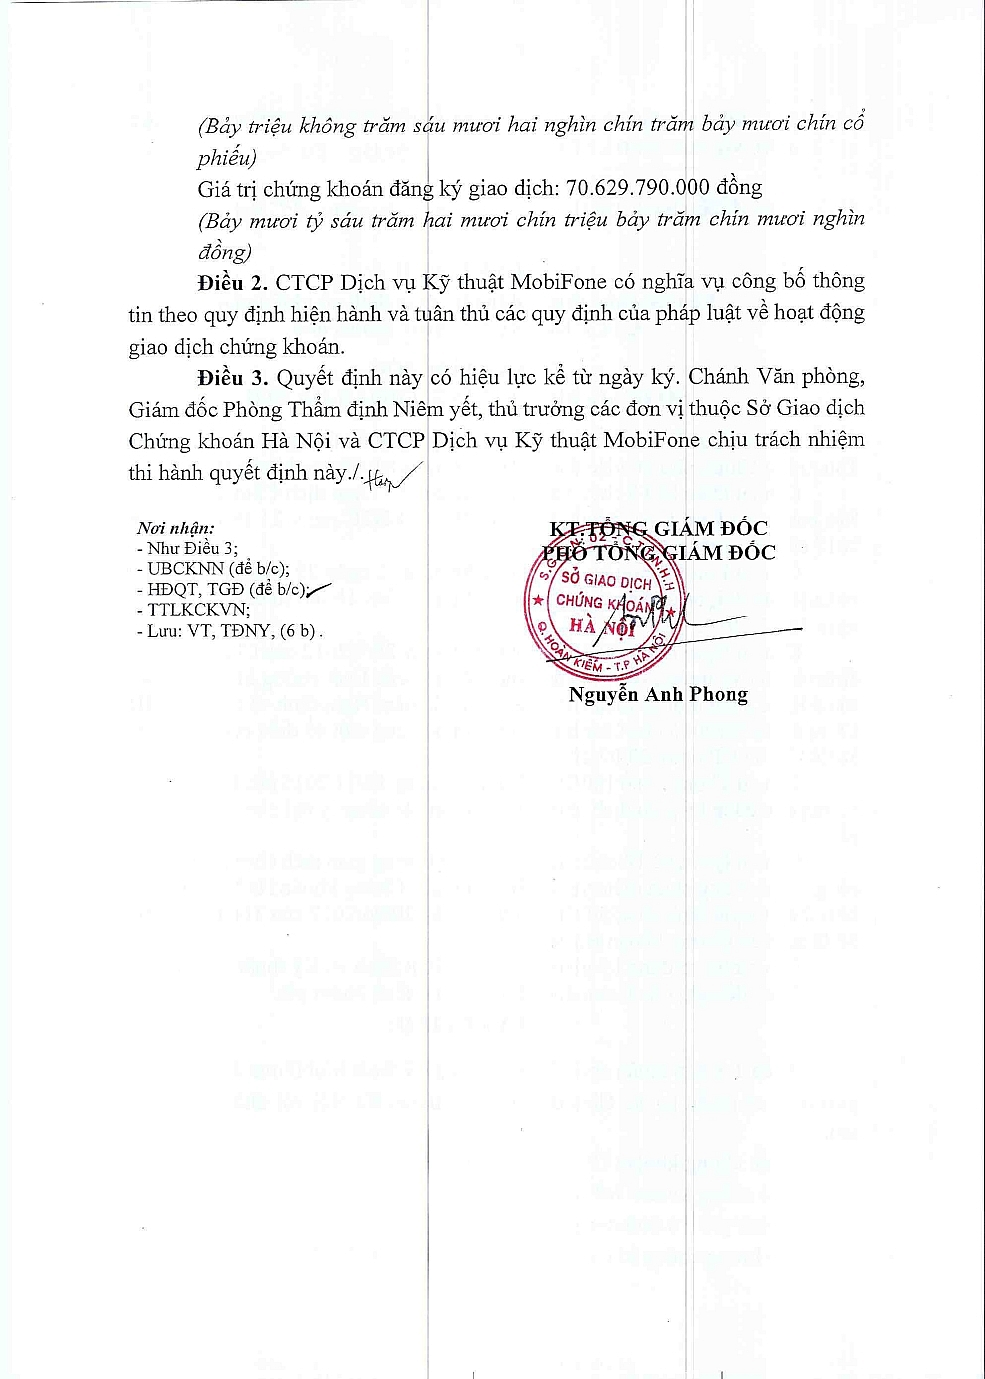 0 Quyết định giao dịch Upcom_Page_2